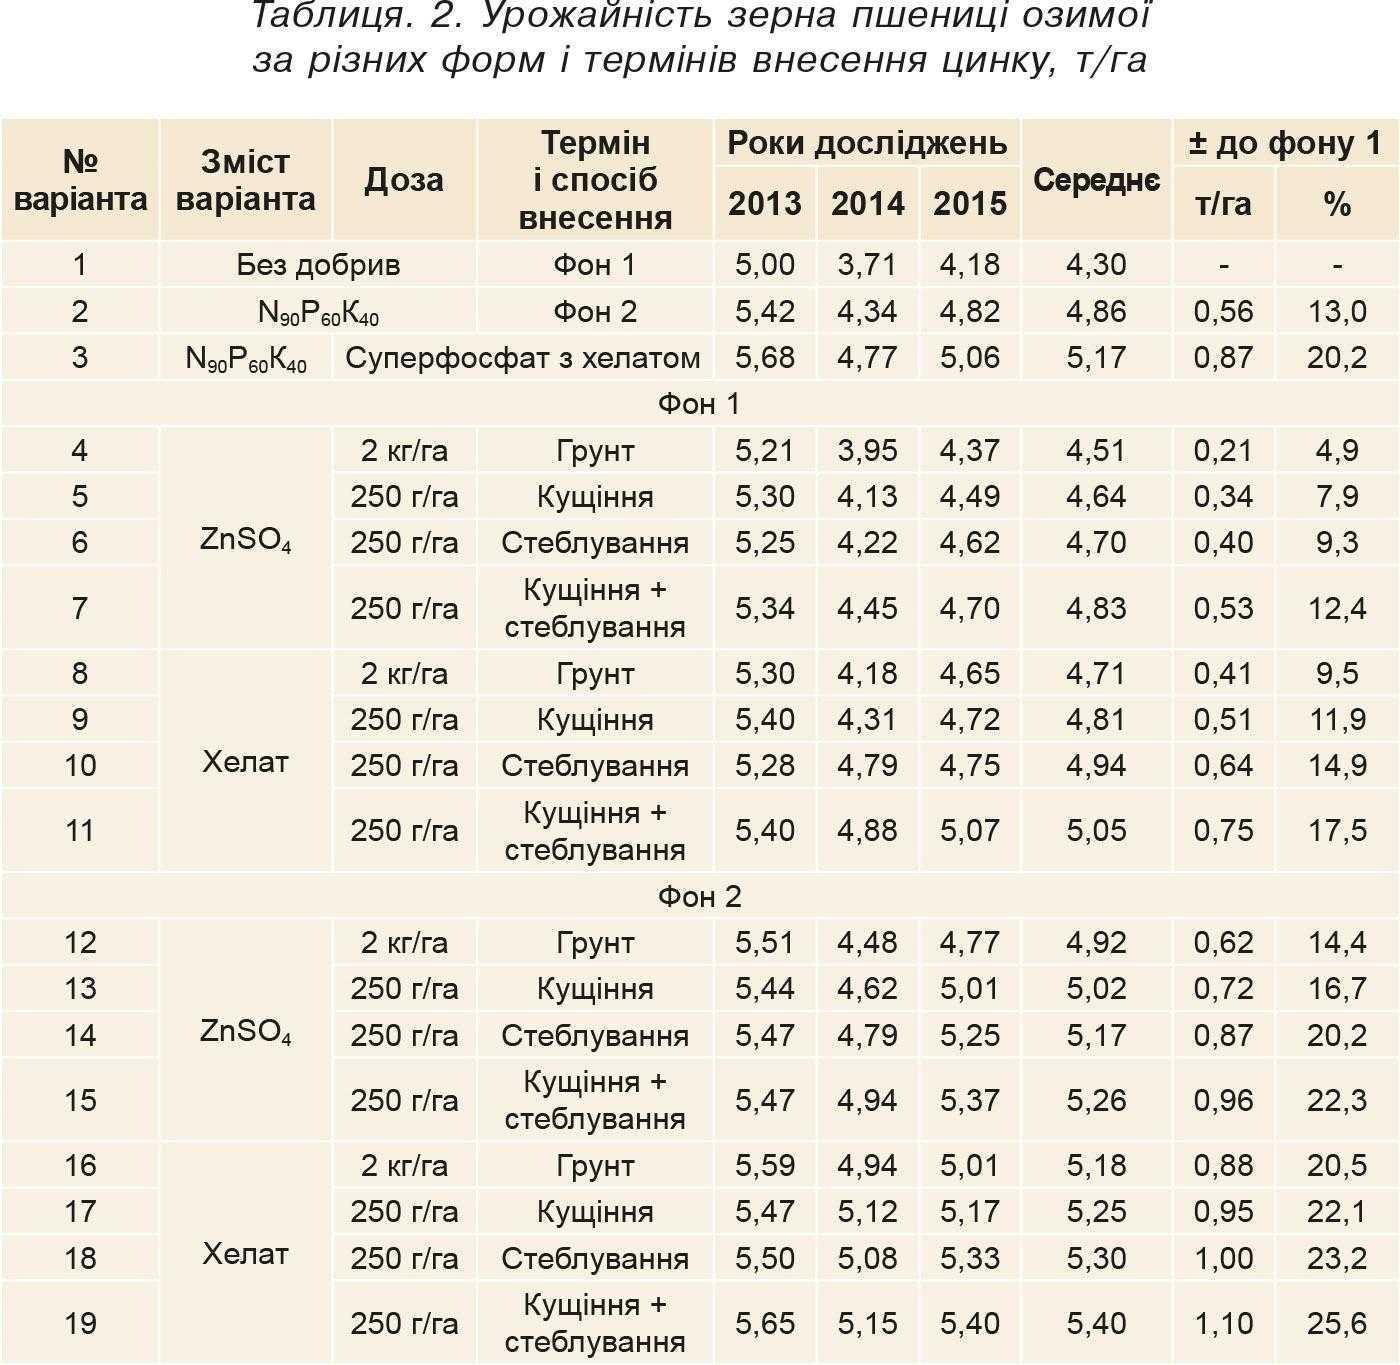 Таблиця. 2. Урожайність зерна пшениці озимої за різних форм і термінів внесення цинку, т_га